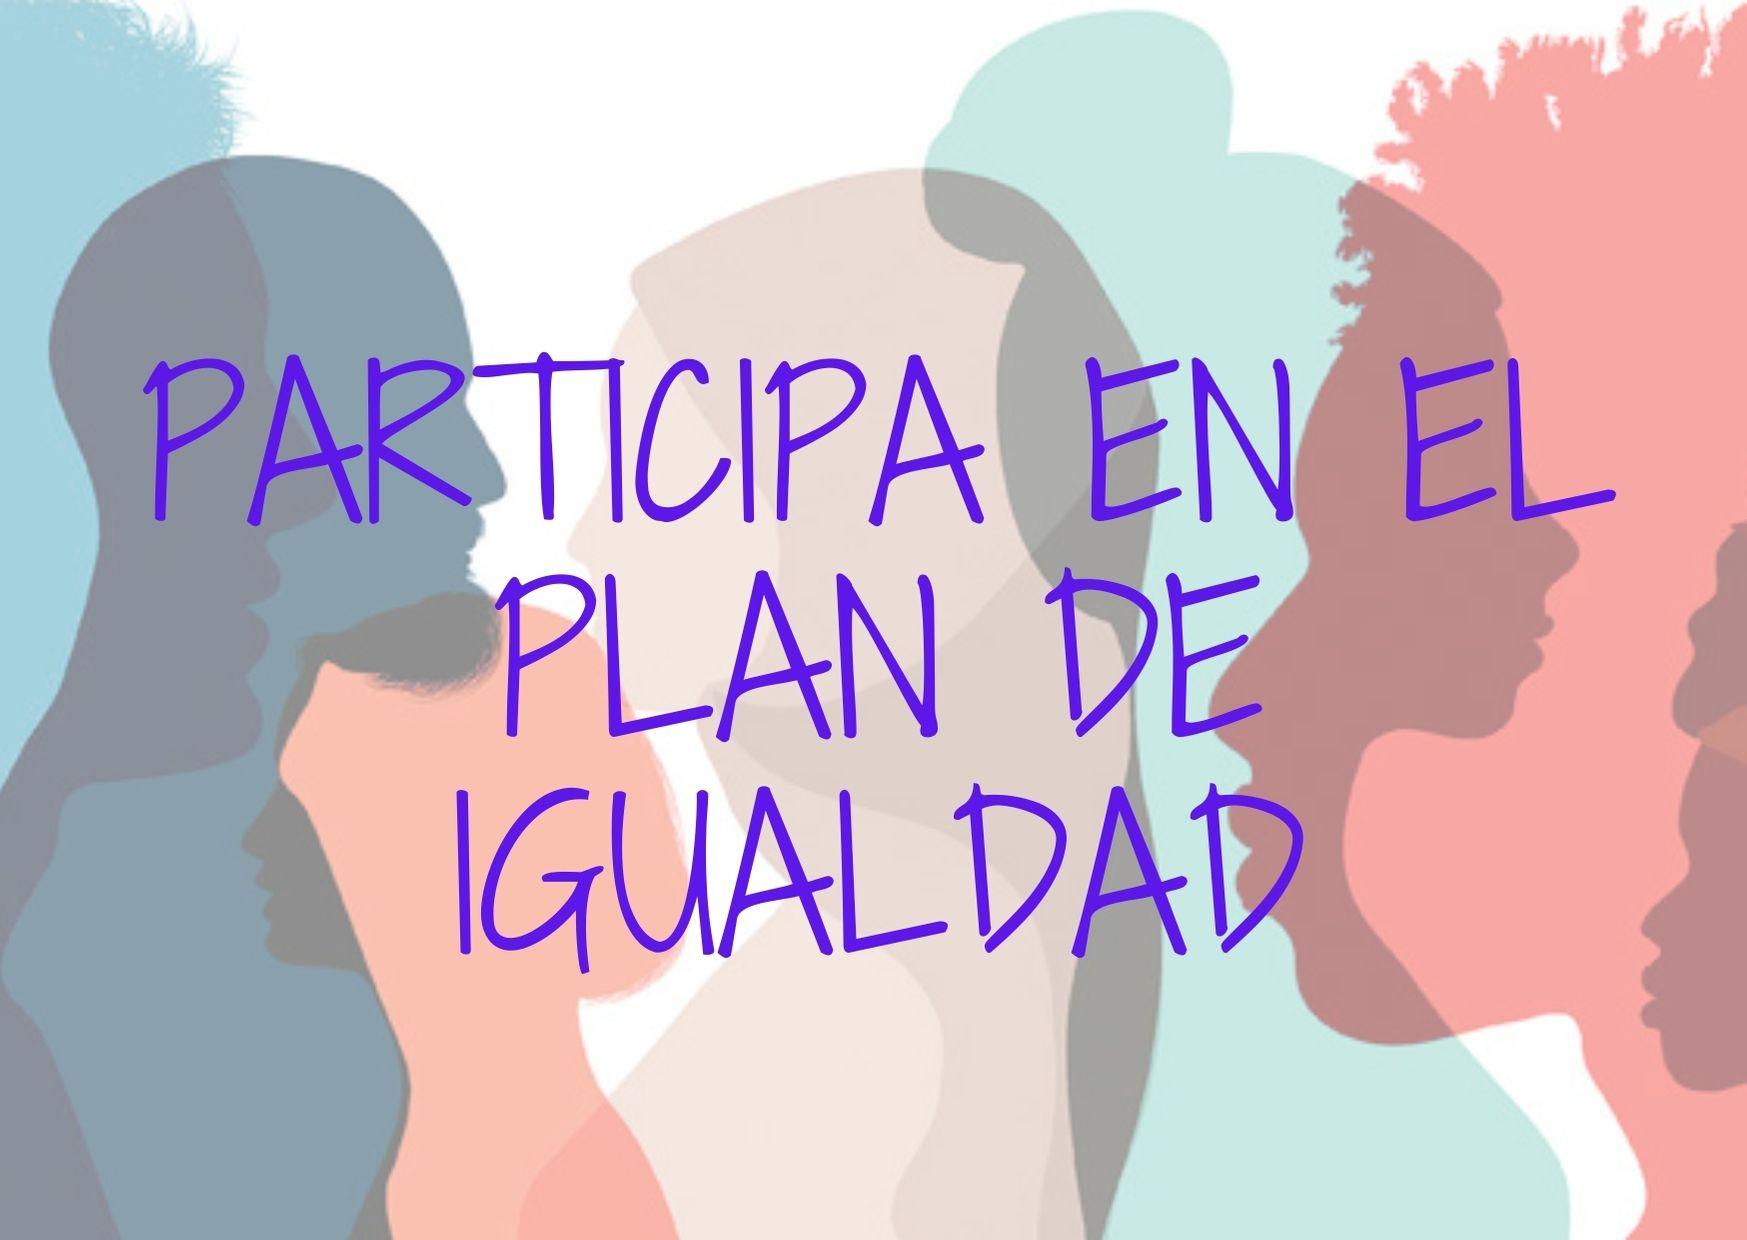 Participa en el Plan de Igualdad